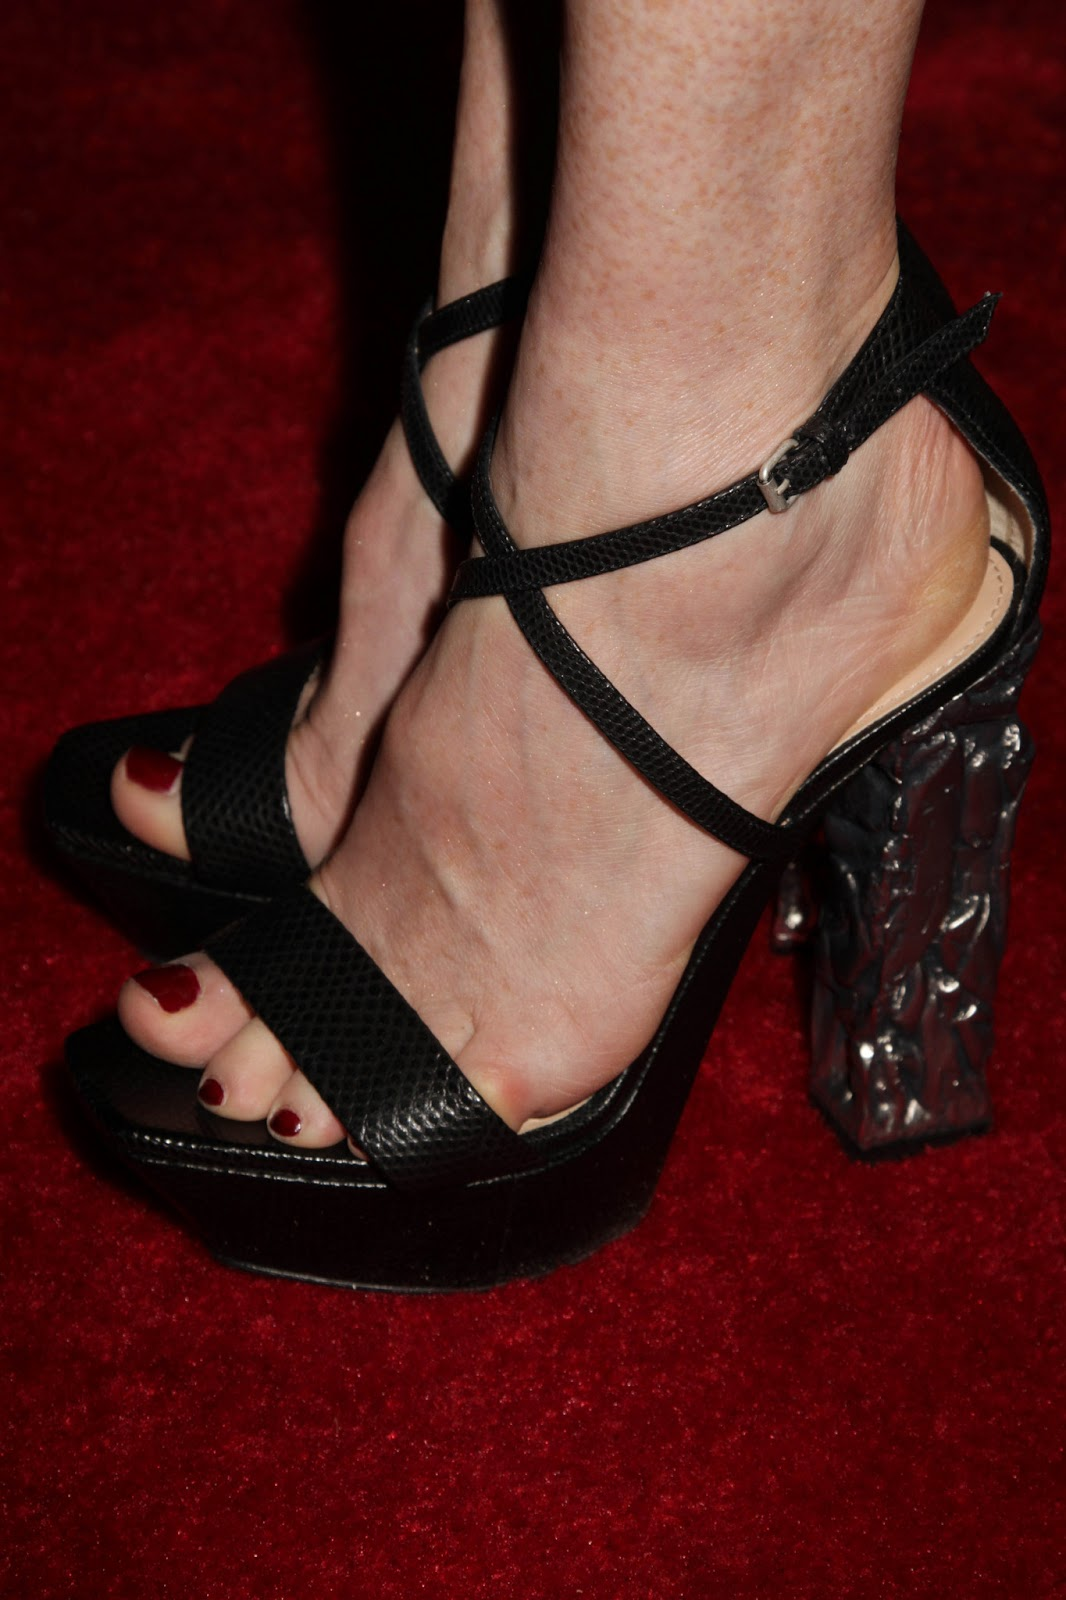 Celebrity Feet Close-up: Julianne Moore Feet